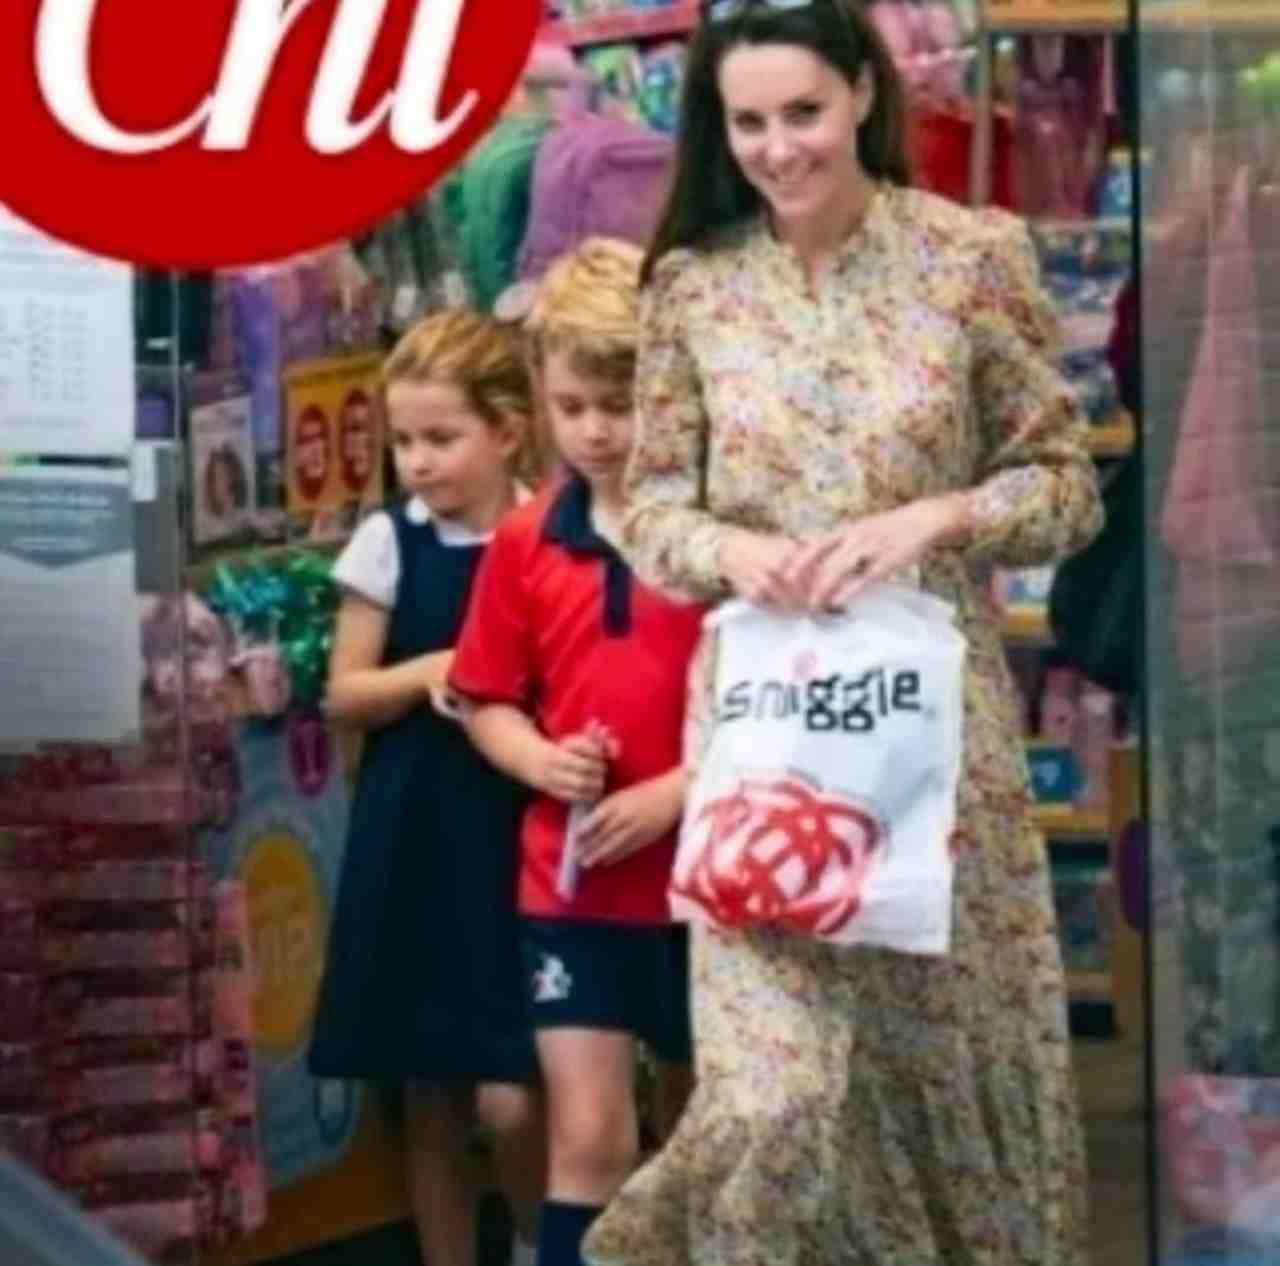 George e Charlotte in cartoleria con mamma Kate Middleton, senza guardia del corpo: proprio come faceva Lady Diana con William e Harry (fonte: Chi).